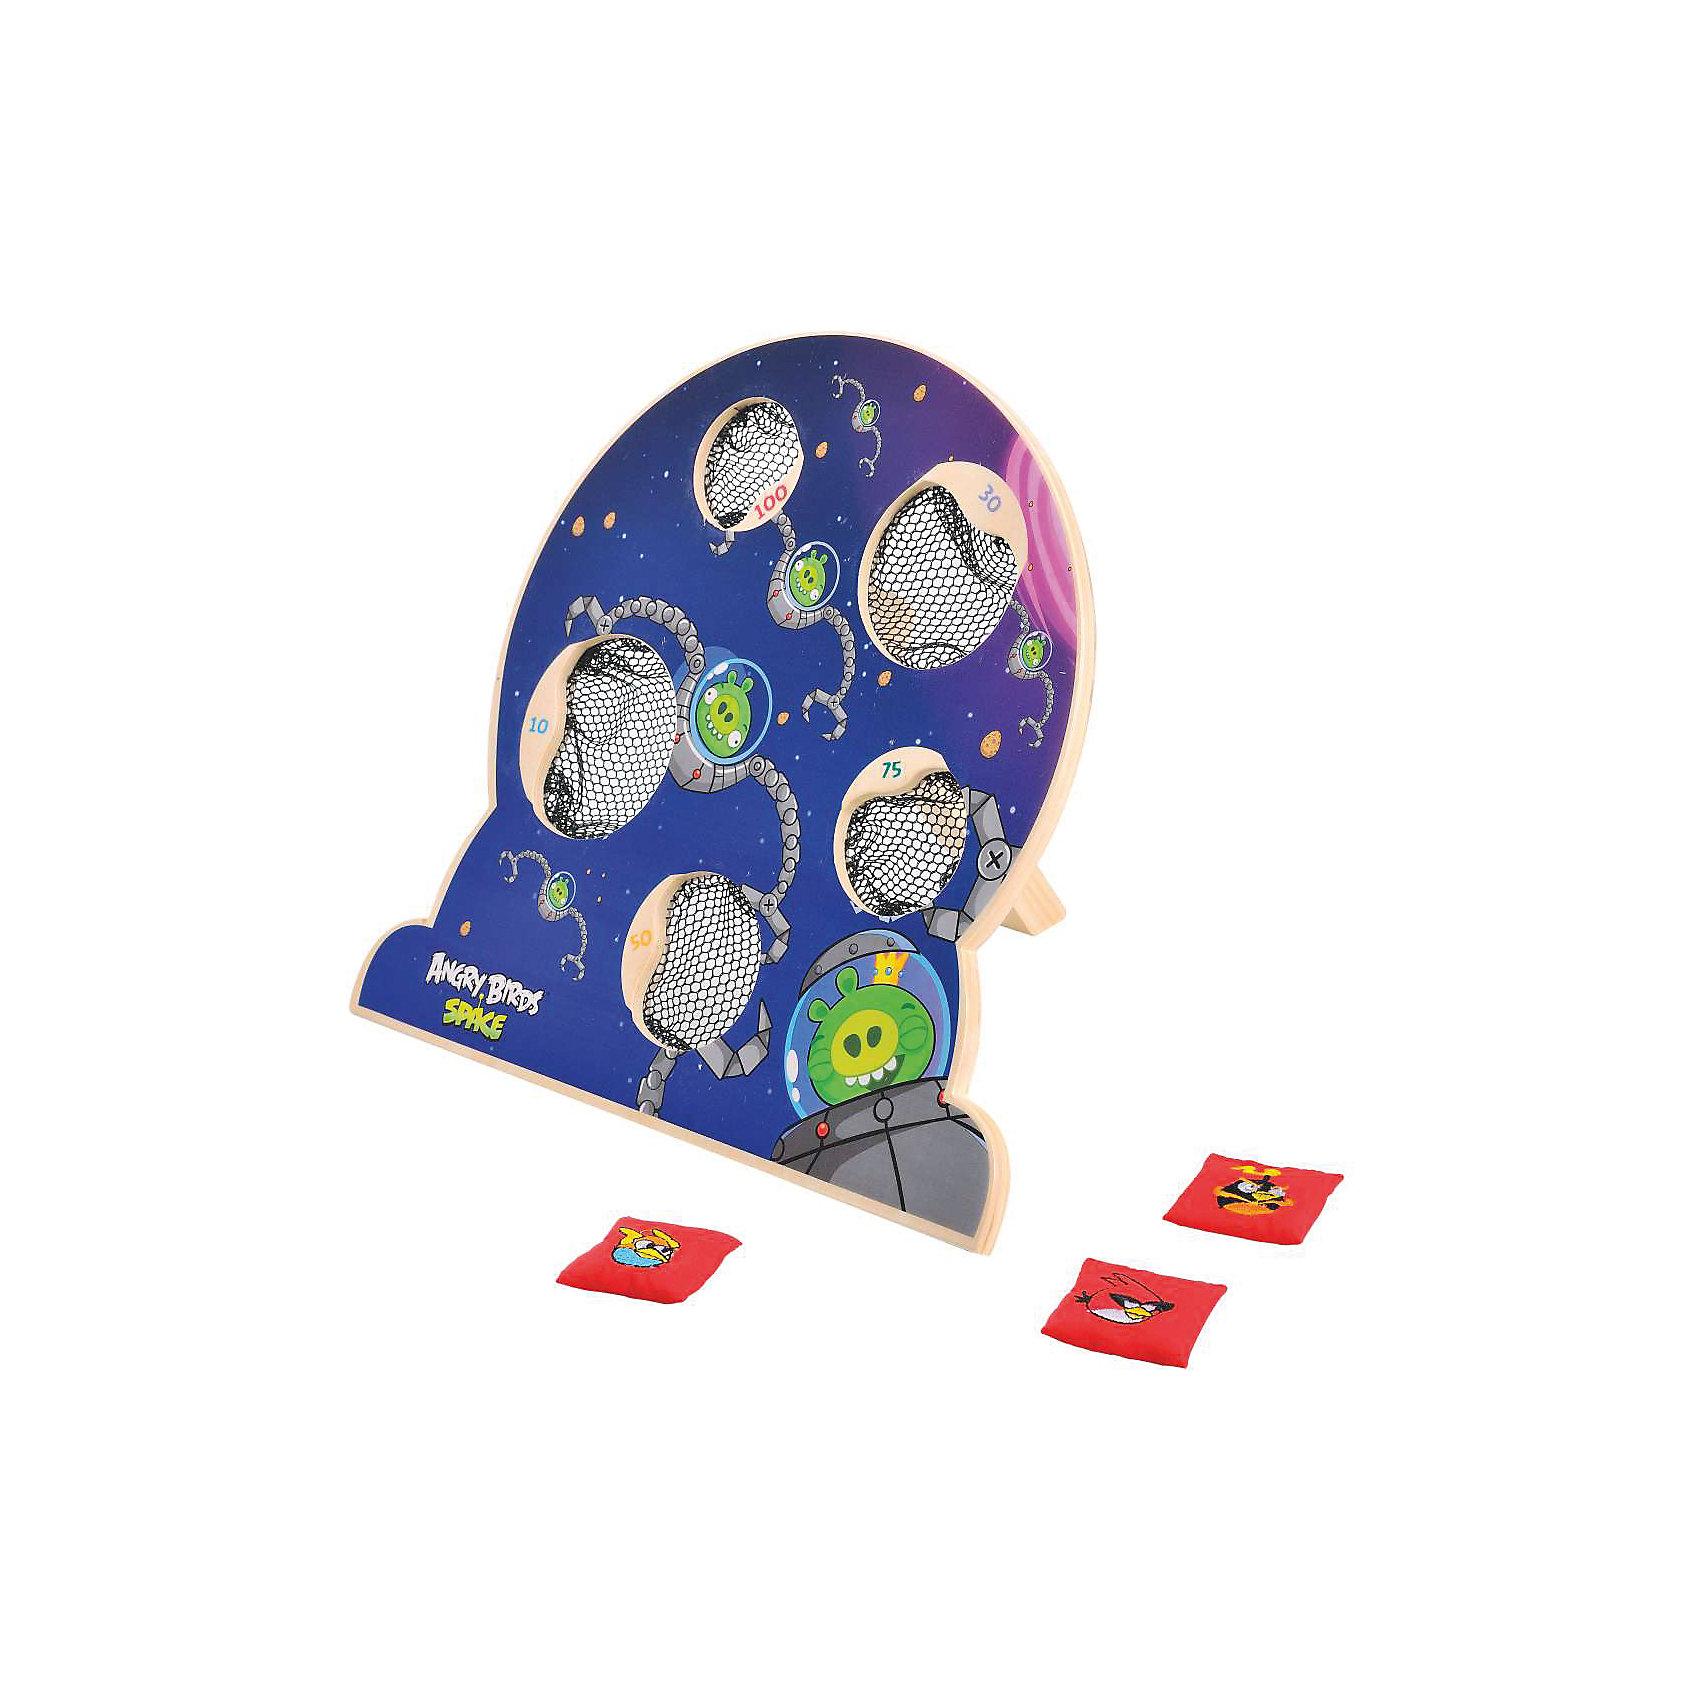 Деревянная игра Angry Birds, 1ToyДеревянная игра Angry Birds, 1Toy – это веселая игра по мотивам популярной компьютерной игры.<br>Настольная игра, изготовленная по лицензии Angry Birds Space, это увлекательное соревнование для вашего ребенка и его друзей. На деревянном щитке обозначены 5 мишеней разного размера с сетками-ловушками, в которые нужно забрасывать мешочки с изображениями знаменитых птиц. На коробке есть более подробная инструкция, как играть. Игра развивает физическую силу, целеустремленность, силу воли, коммуникабельность.<br><br>Дополнительная информация:<br><br>- В наборе: щиток на подставке с 5 сетками, мешочки с гранулами 5 штук<br>- Материал: древесина, текстиль<br>- Размер щитка: 31,5 х 8 х 29 см.<br>- Размер мешочков: 4 х 4 х 6 см.<br>- Размер упаковки: 32,5х8х30 см.<br>- Вес в упаковке: 917 гр.<br><br>Деревянную игру Angry Birds, 1Toy можно купить в нашем интернет-магазине.<br><br>Ширина мм: 325<br>Глубина мм: 80<br>Высота мм: 300<br>Вес г: 917<br>Возраст от месяцев: 48<br>Возраст до месяцев: 120<br>Пол: Унисекс<br>Возраст: Детский<br>SKU: 4655095